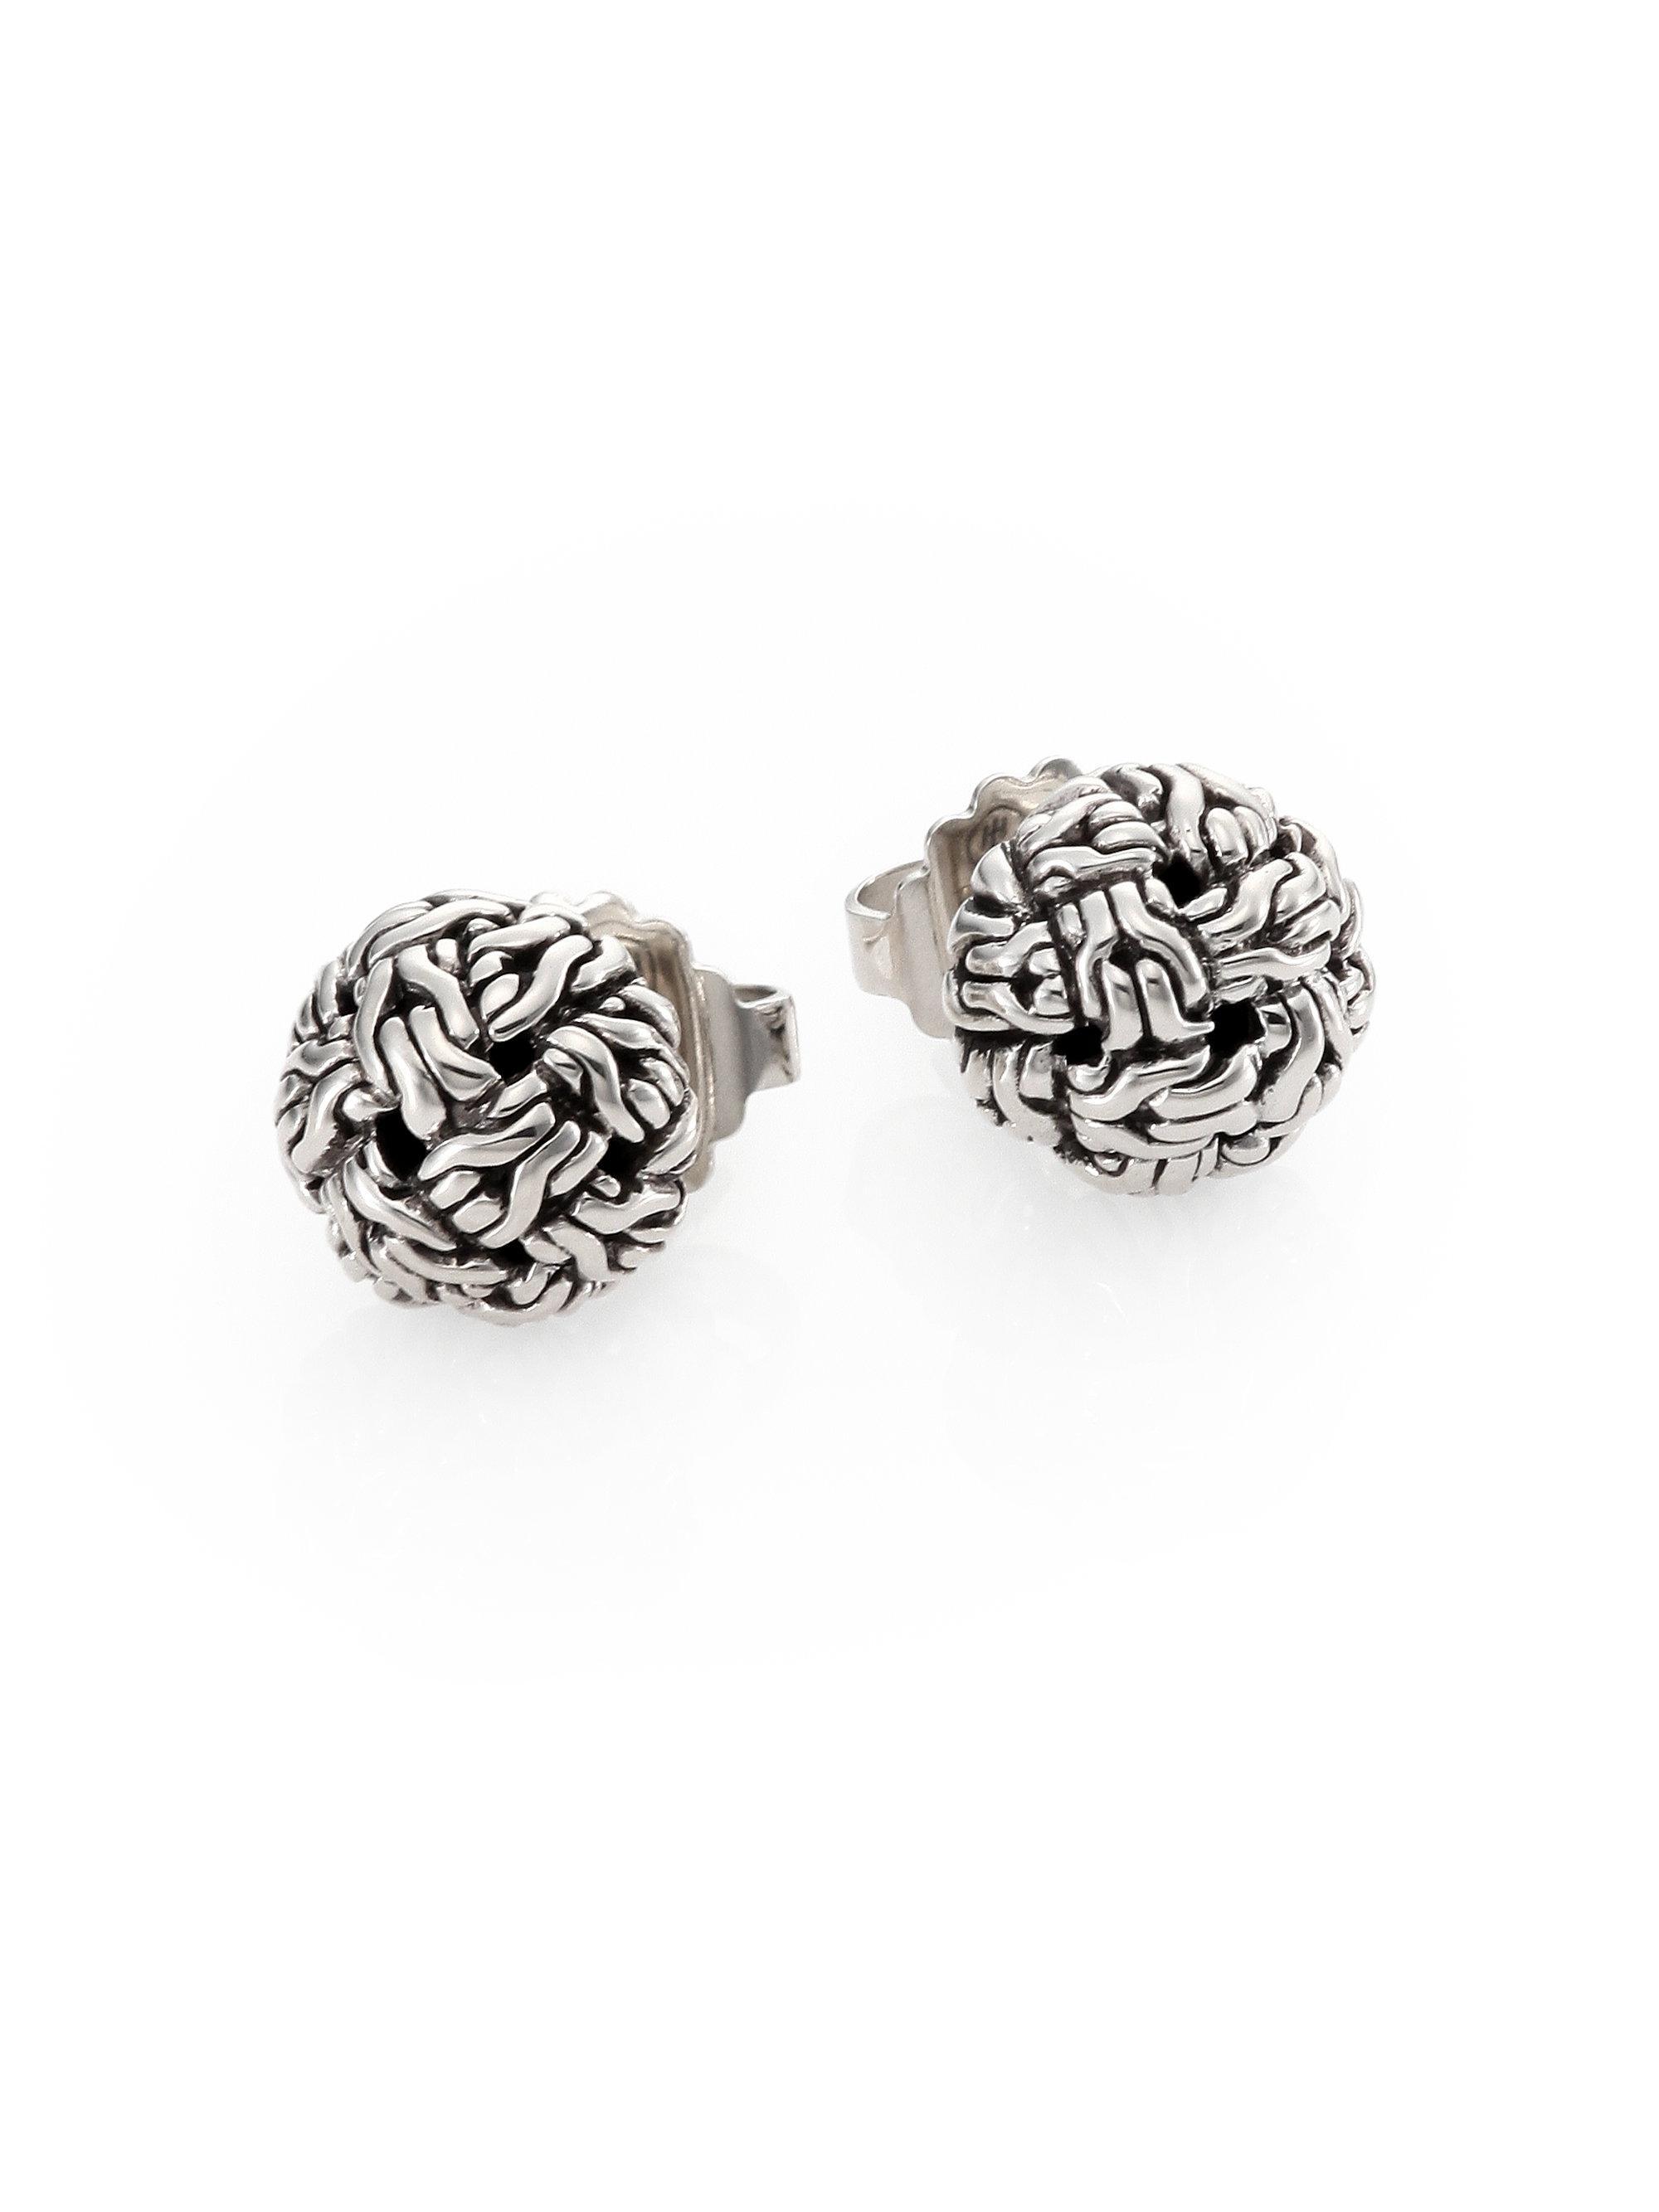 Lyst John Hardy Clic Chain Silver Knot Stud Earrings In Metallic